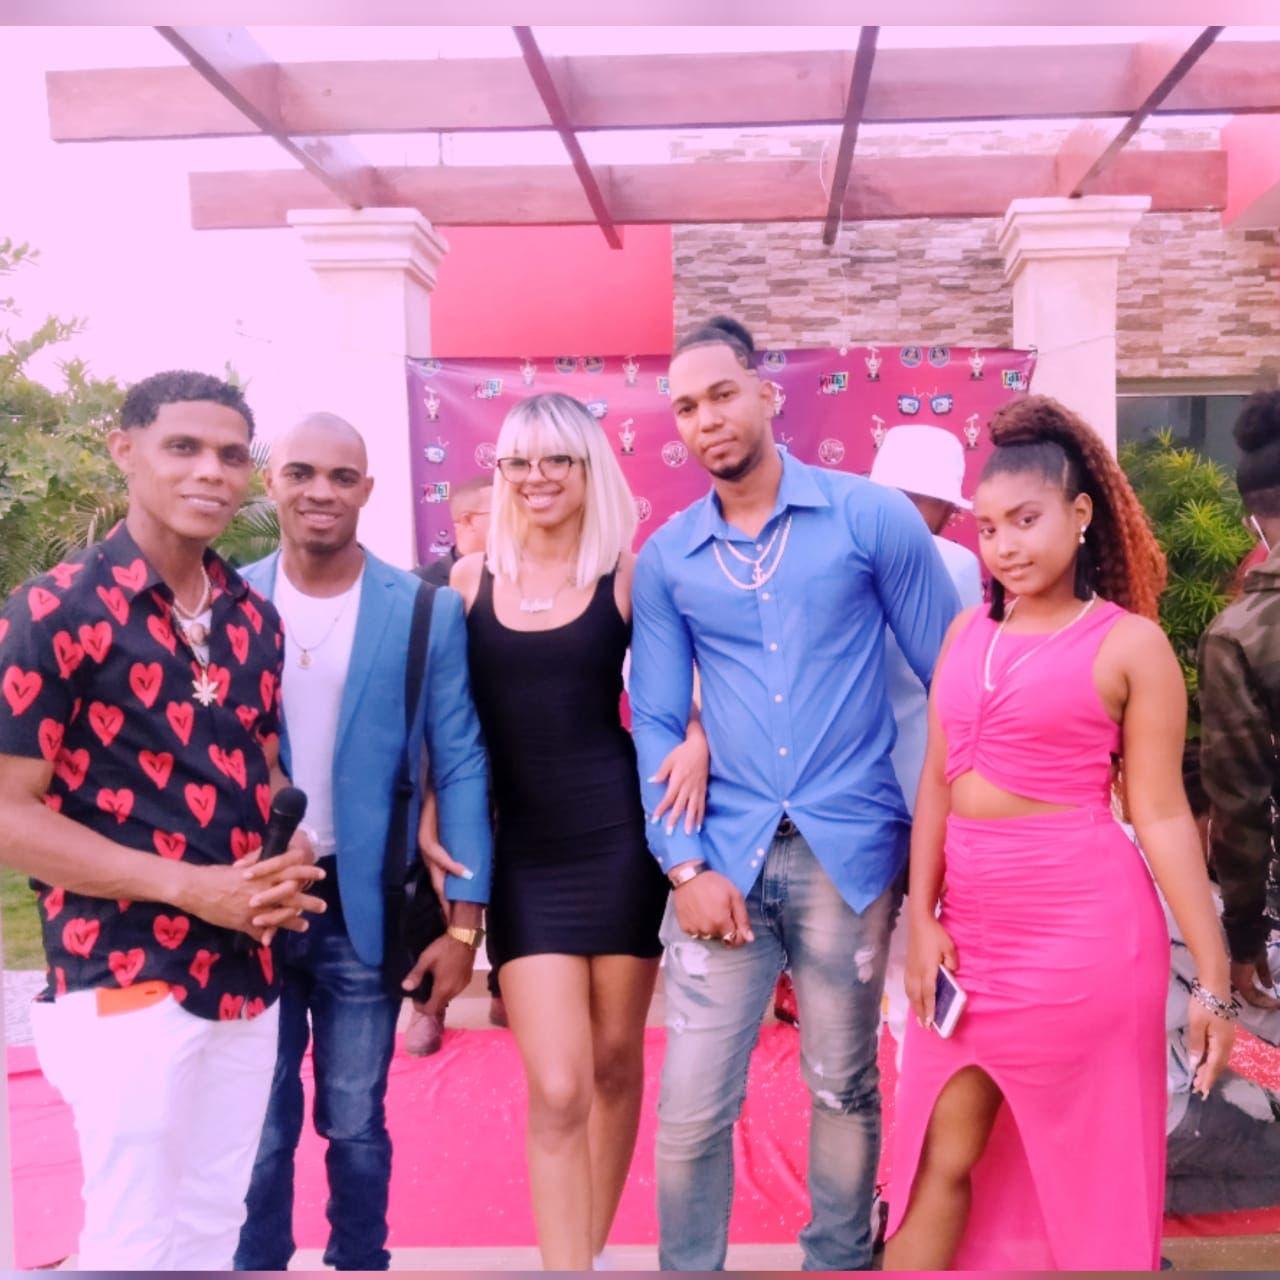 Latin Club Music, hace lanzamiento recomienda jóvenes del género urbano